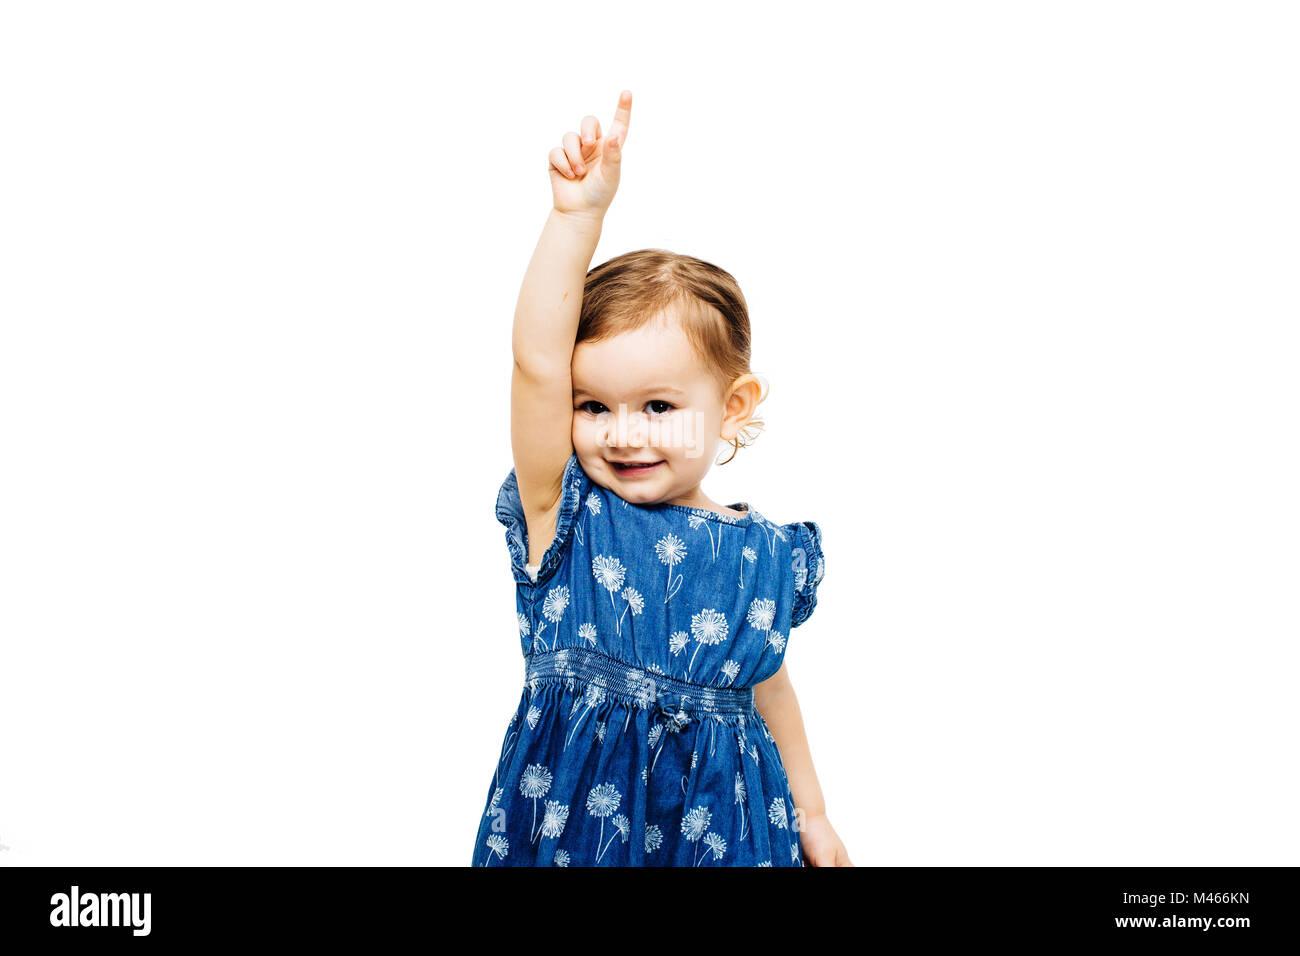 Niño Niña levantando la mano con el dedo índice apuntando hacia arriba Imagen De Stock